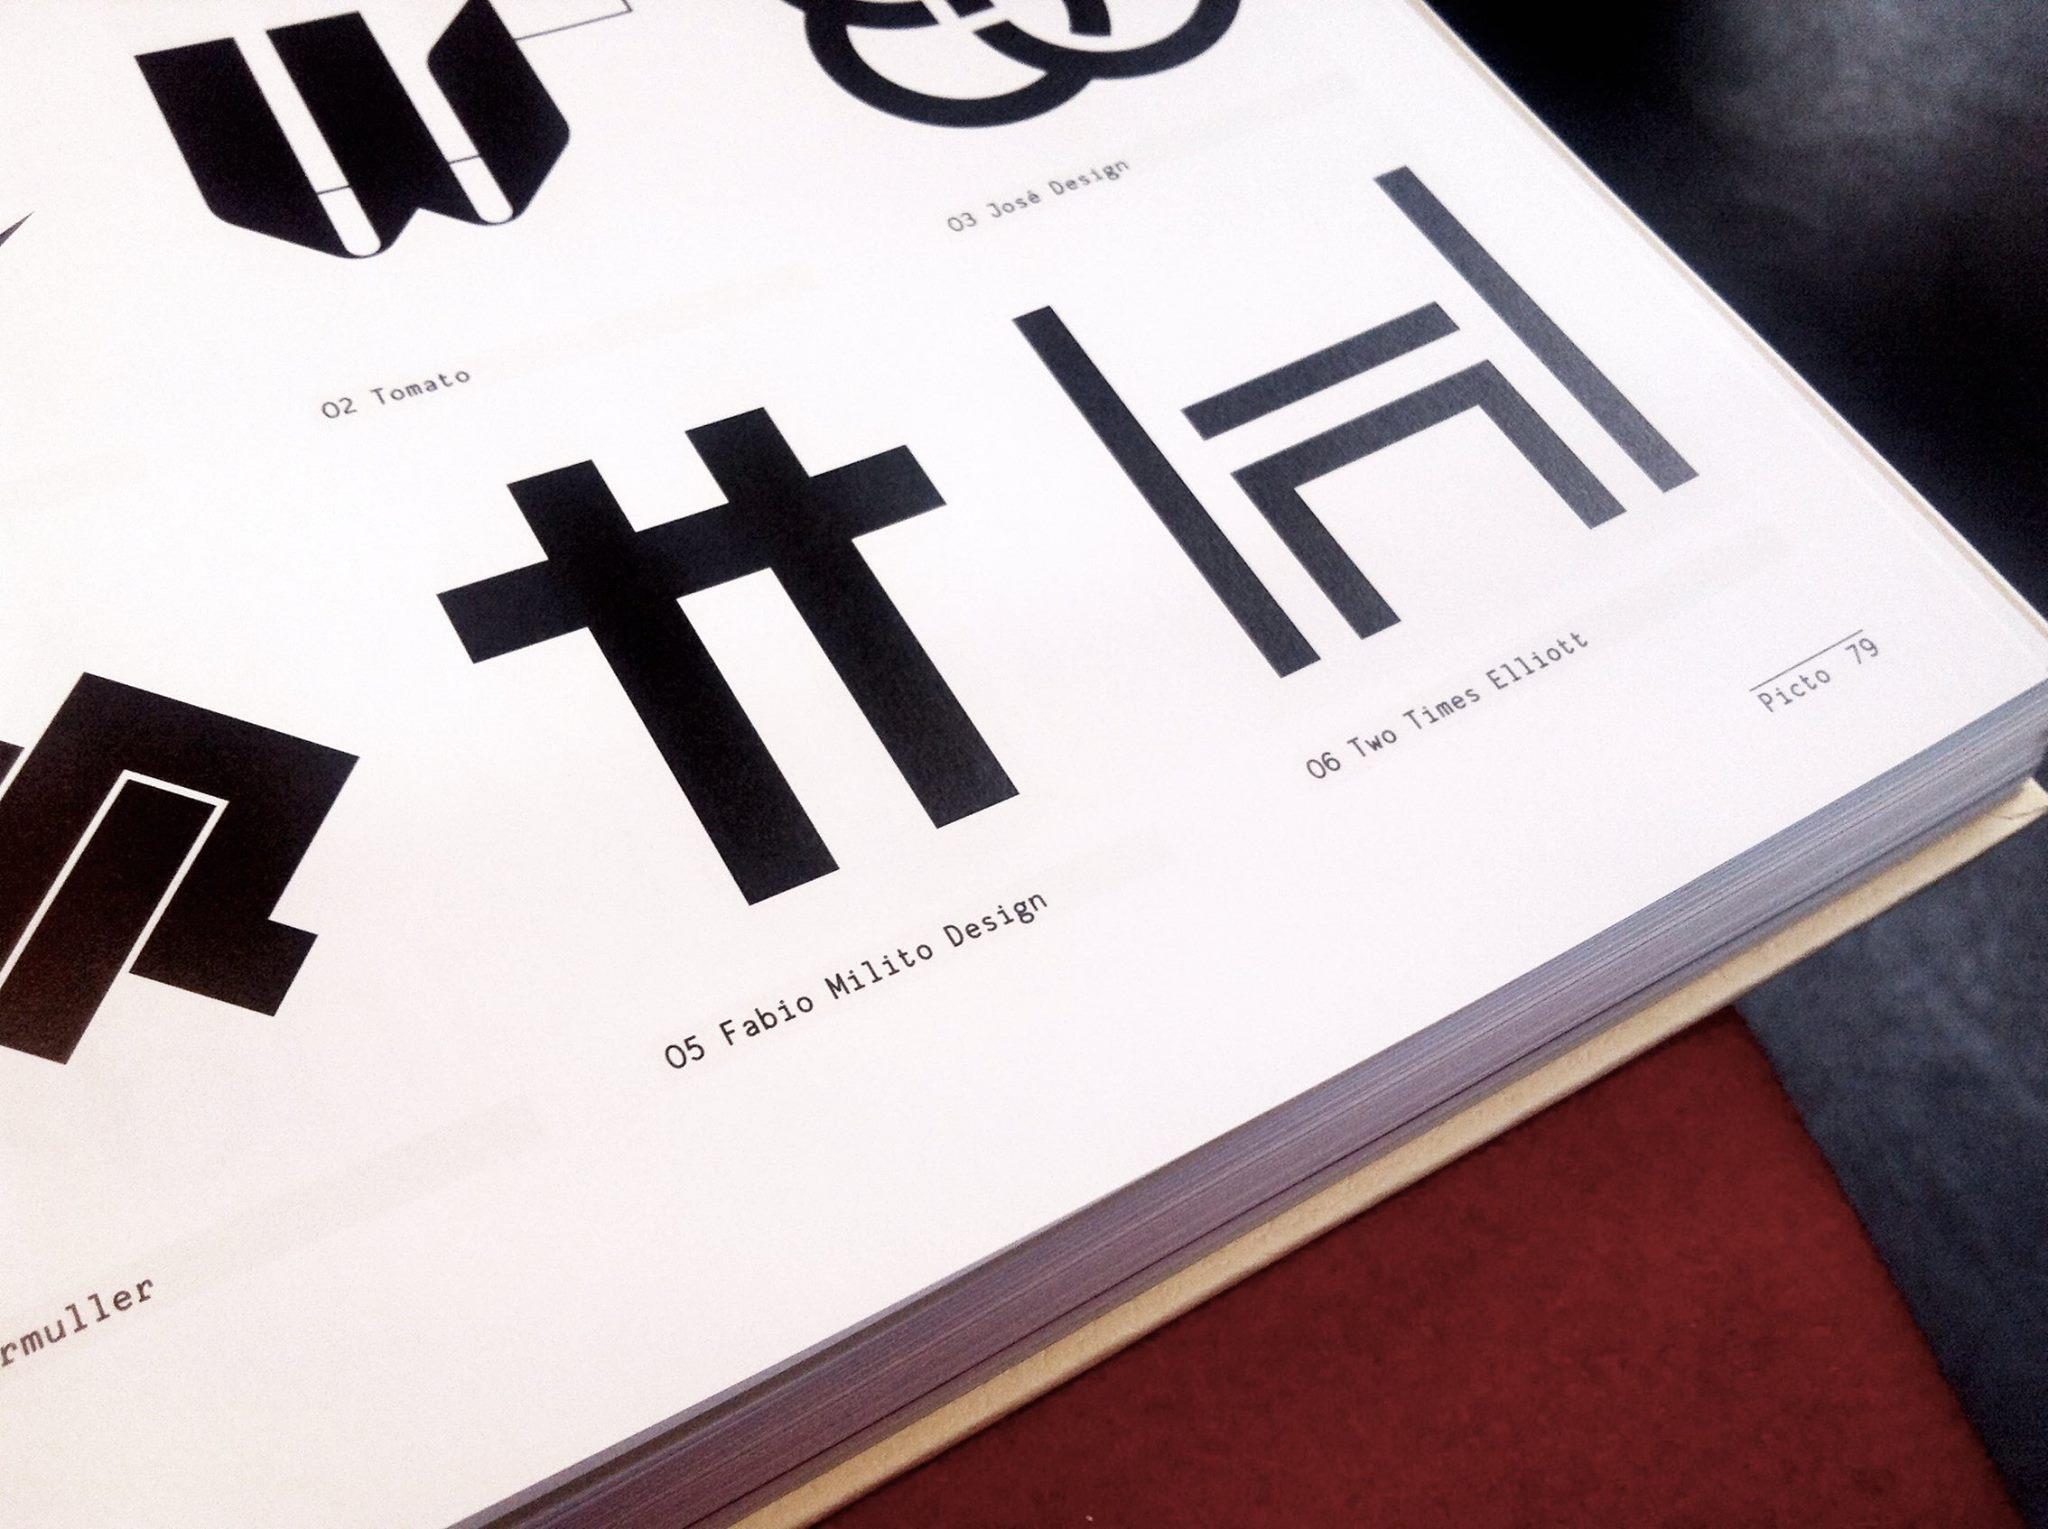 Los Logos 7 |  Gestalten| 2014